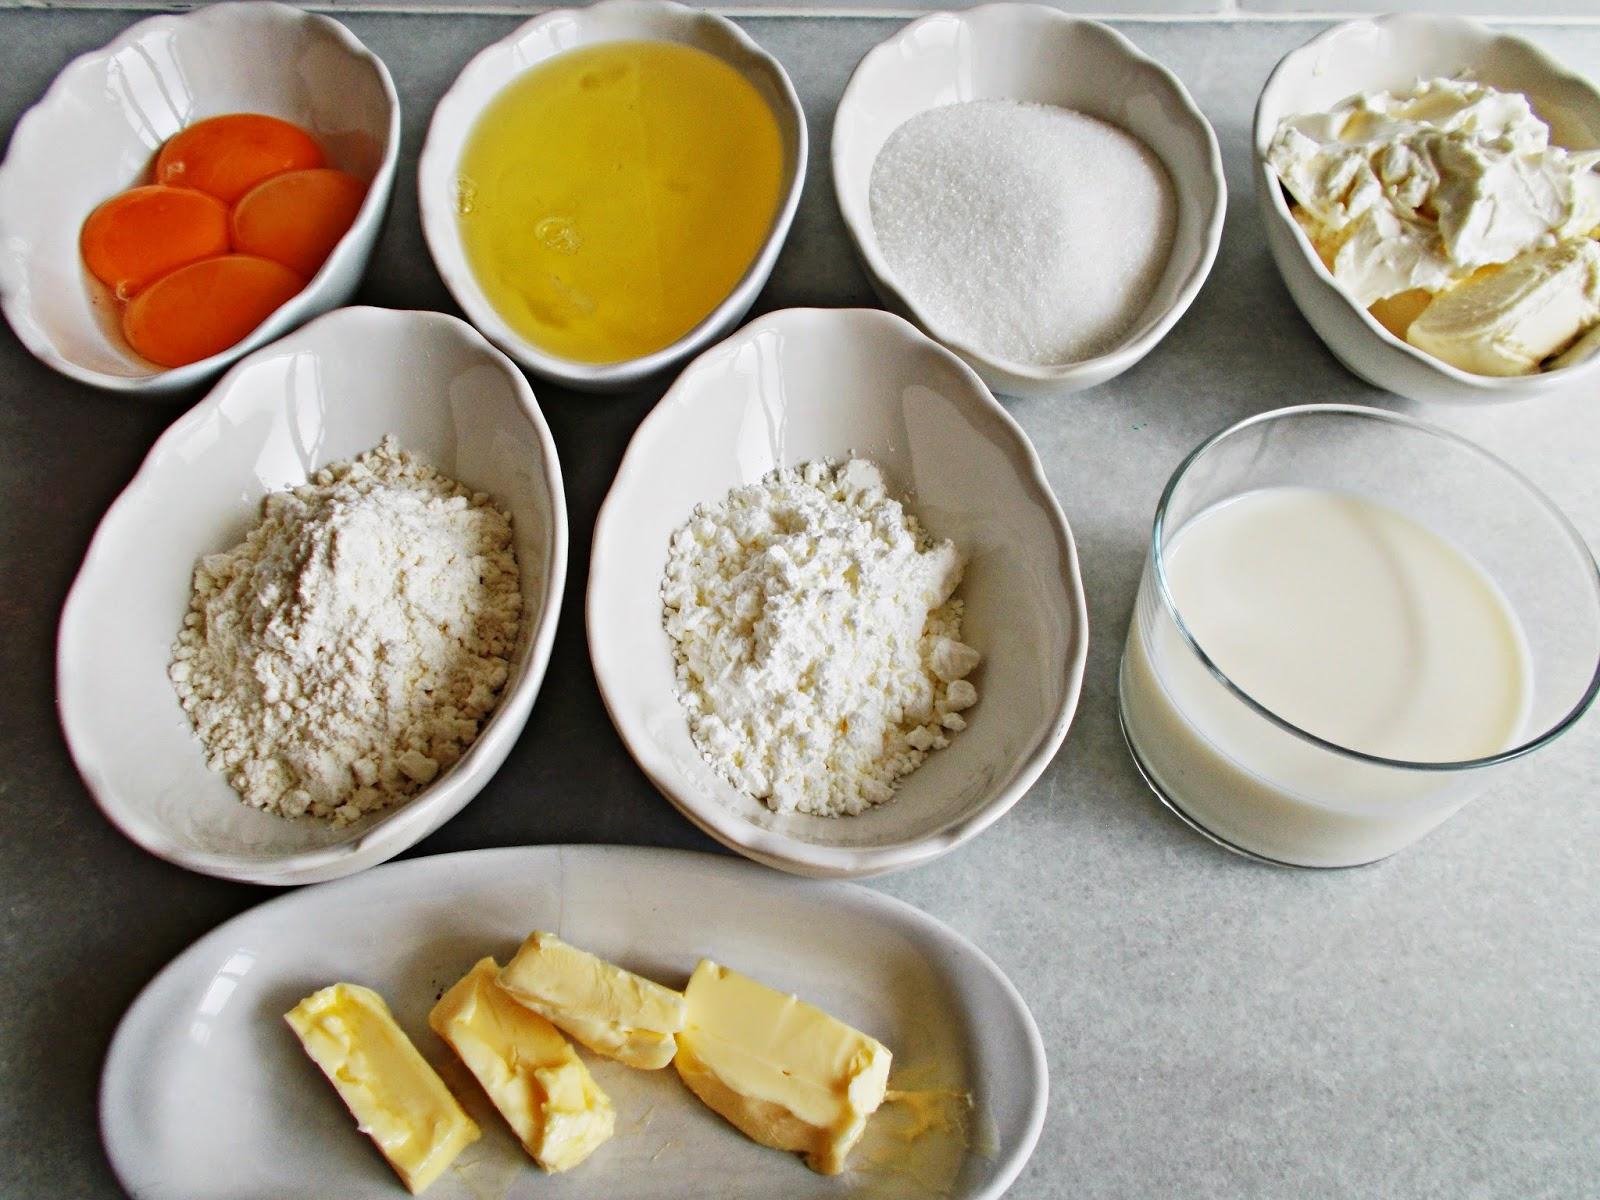 Receta-cocina-postre-repostería-bizcocho-soft cotton cake-tarta de queso japonesa-ingredientes